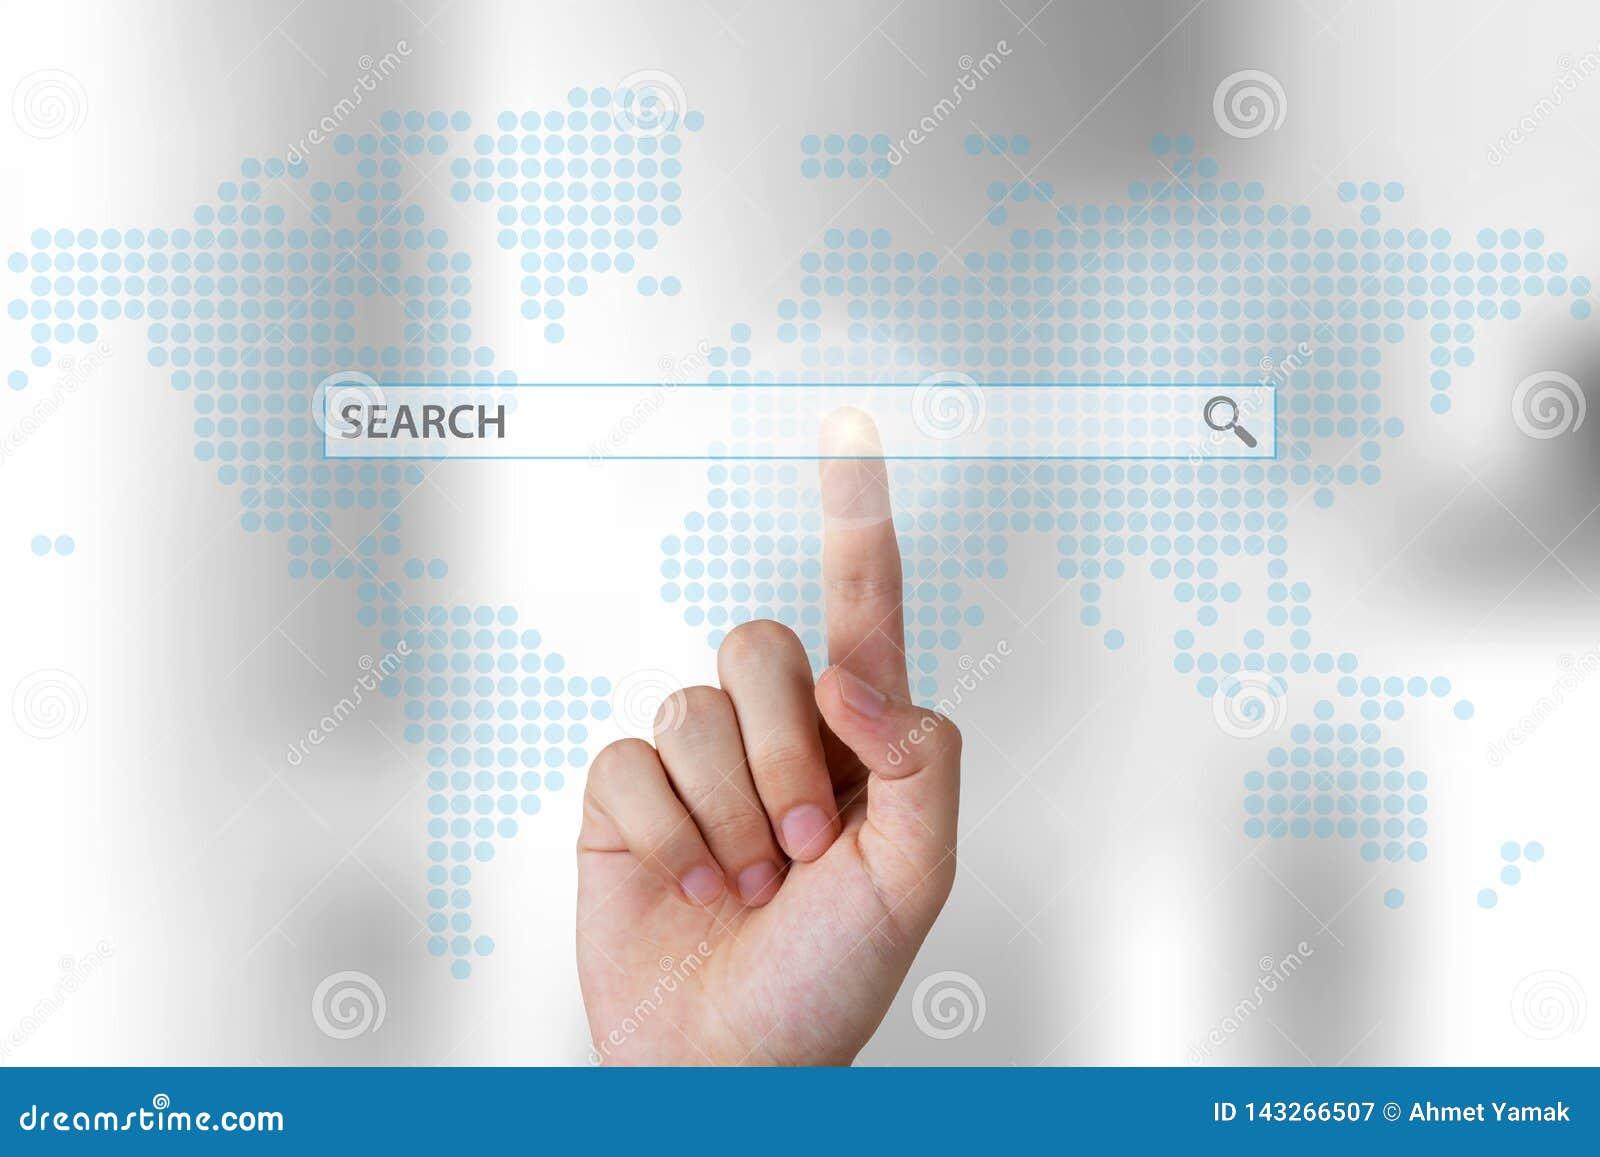 Geschäftsperson, die Suchstange auf Touch Screen von Hand eindrückt